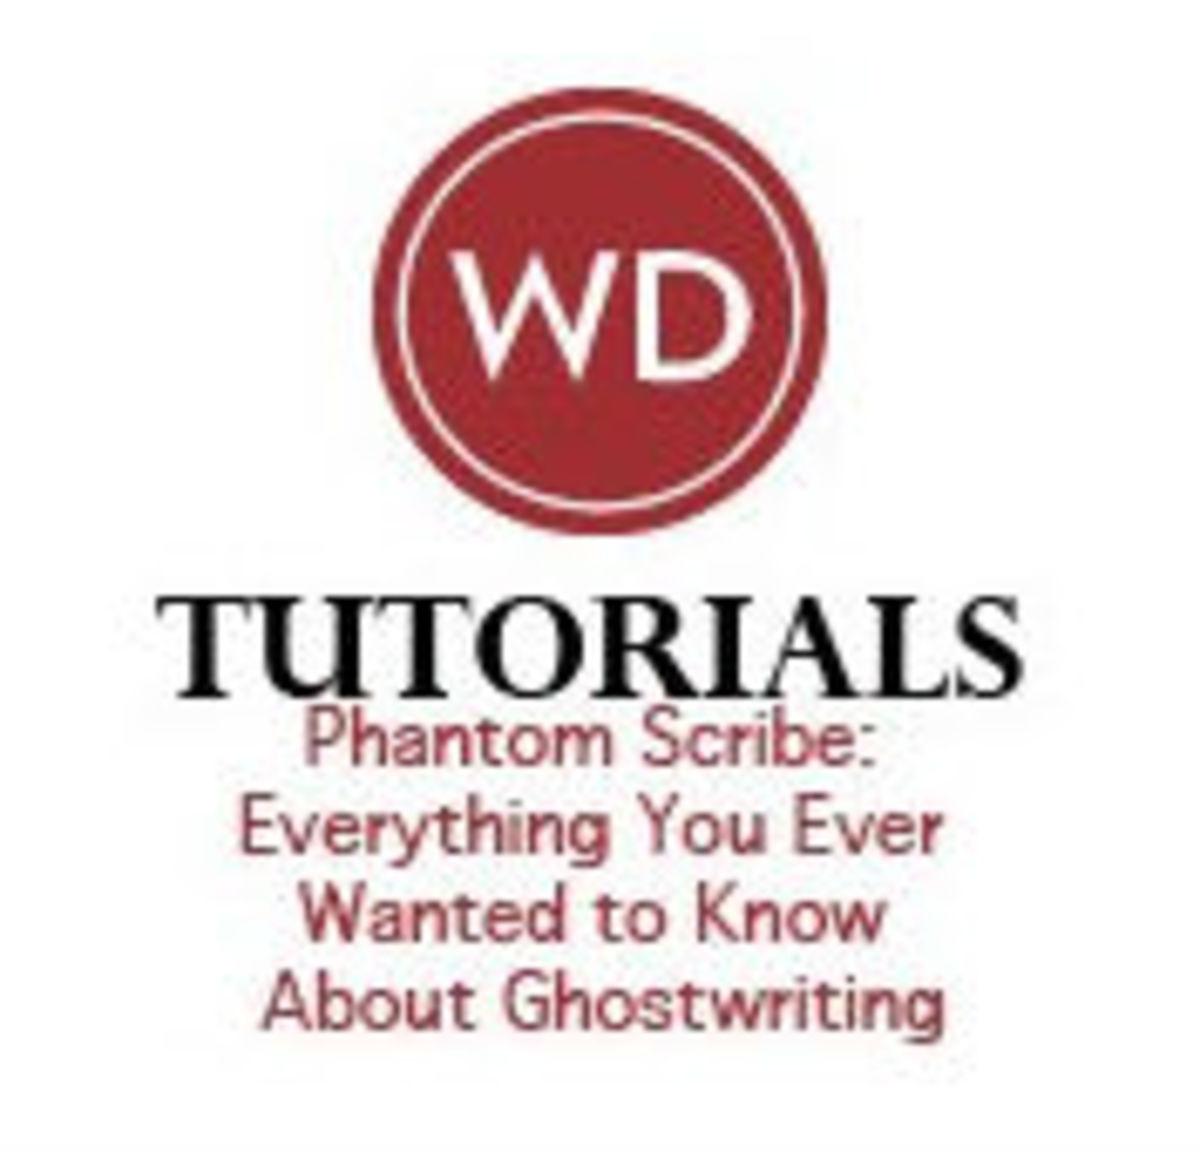 ghostwriting tutorial